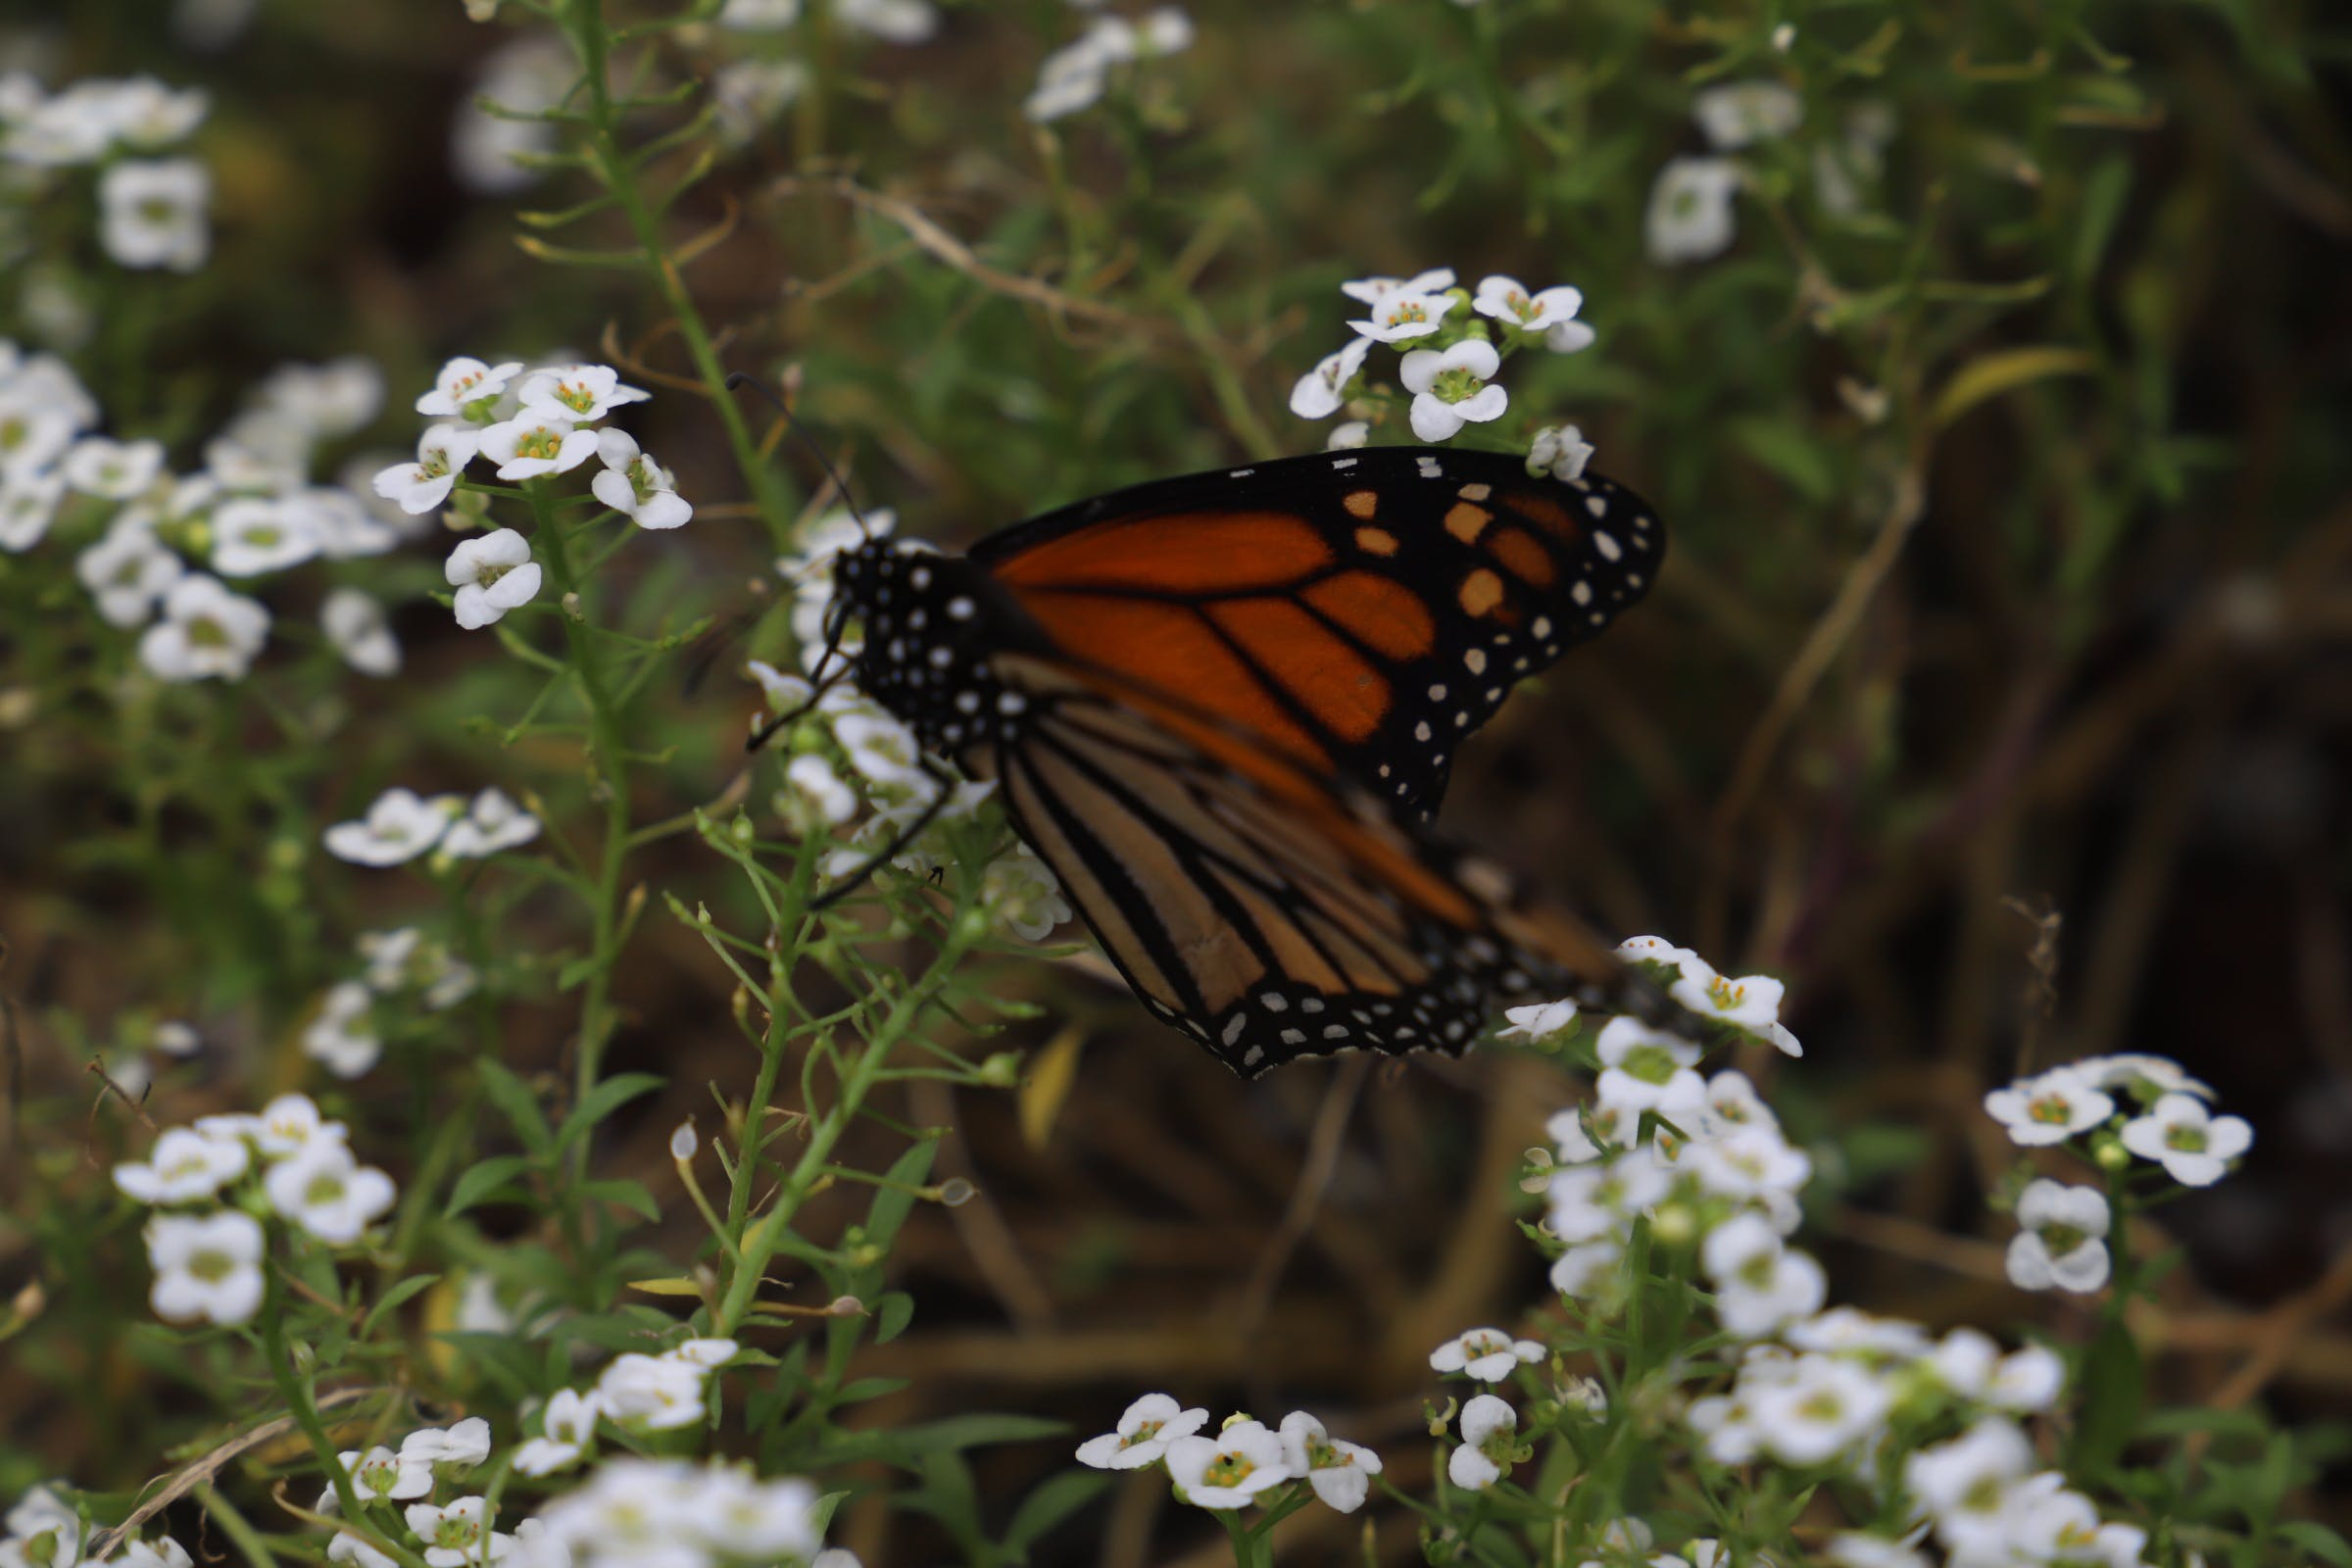 Δωρεάν στοκ φωτογραφιών με Πεταλούδα μονάρχης